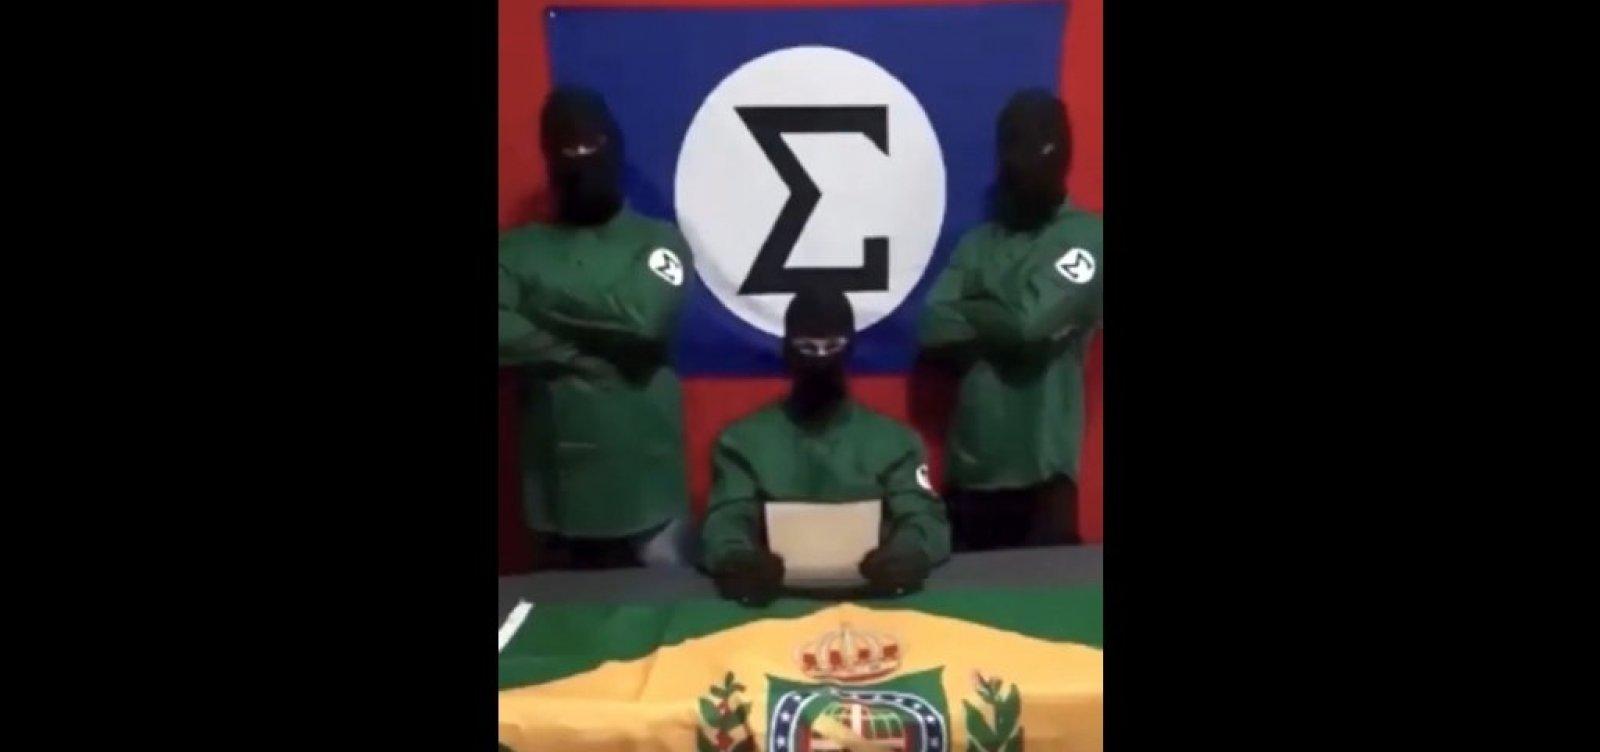 [Grupo integralista divulga vídeo de ataque contra sede do Porta dos Fundos e assume autoria]